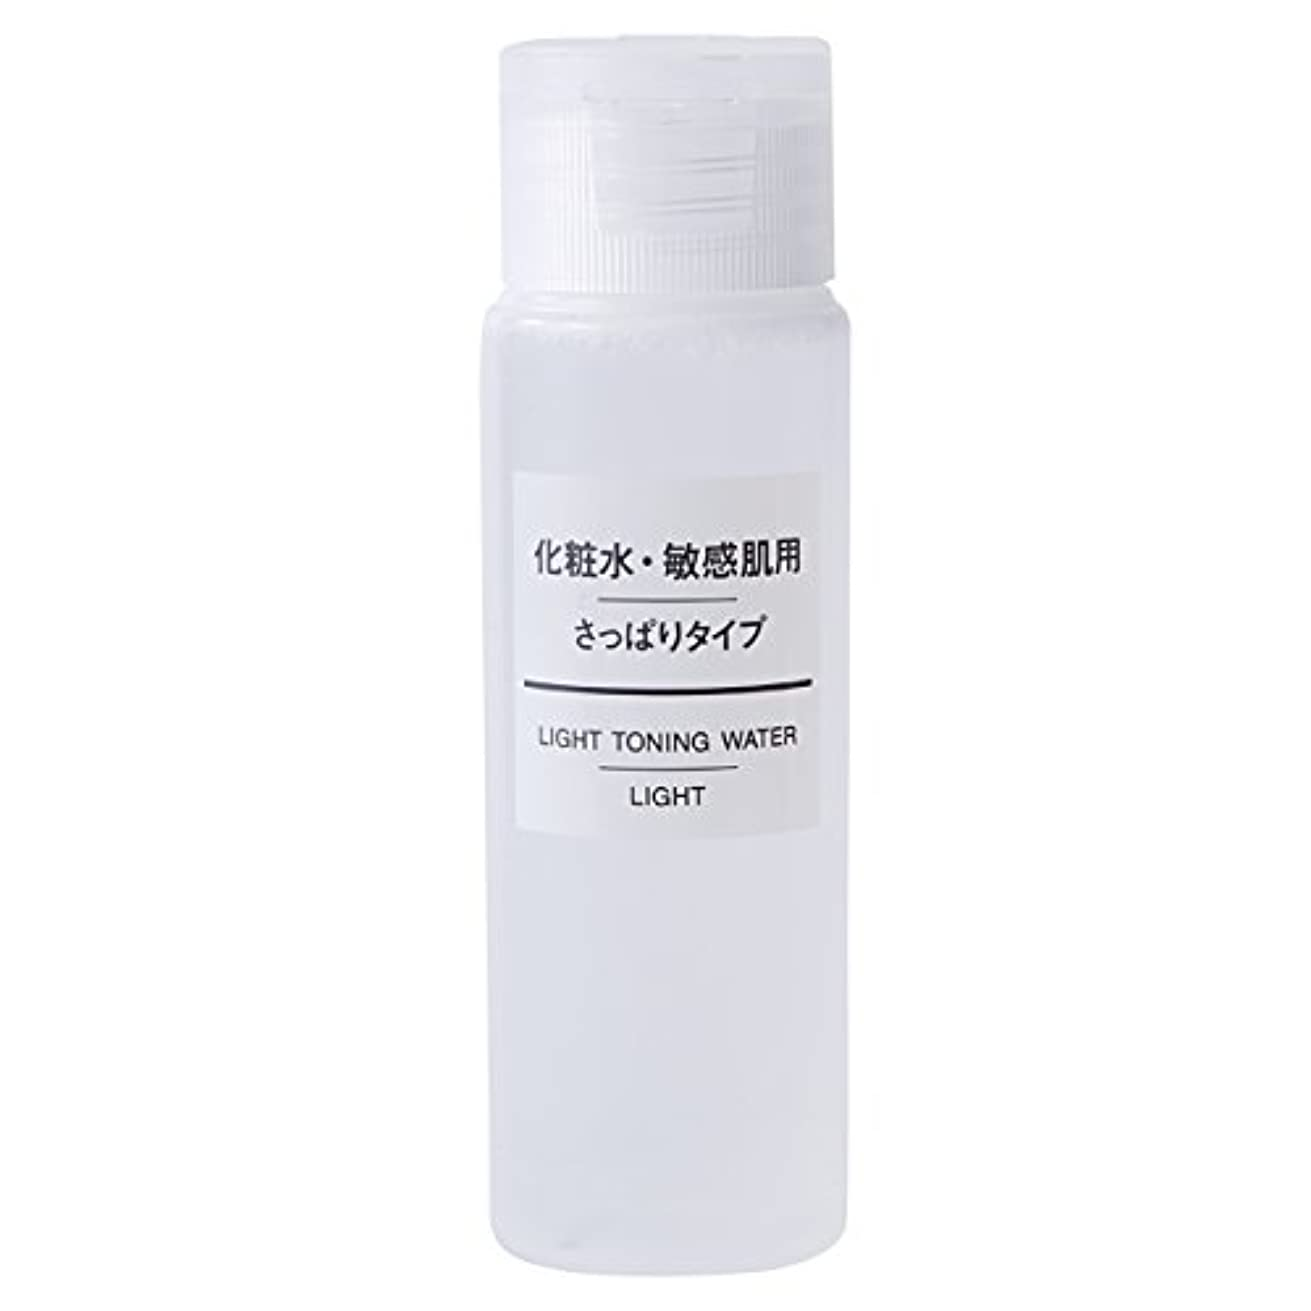 無印良品 化粧水 敏感肌用 さっぱりタイプ(携帯用) 50ml